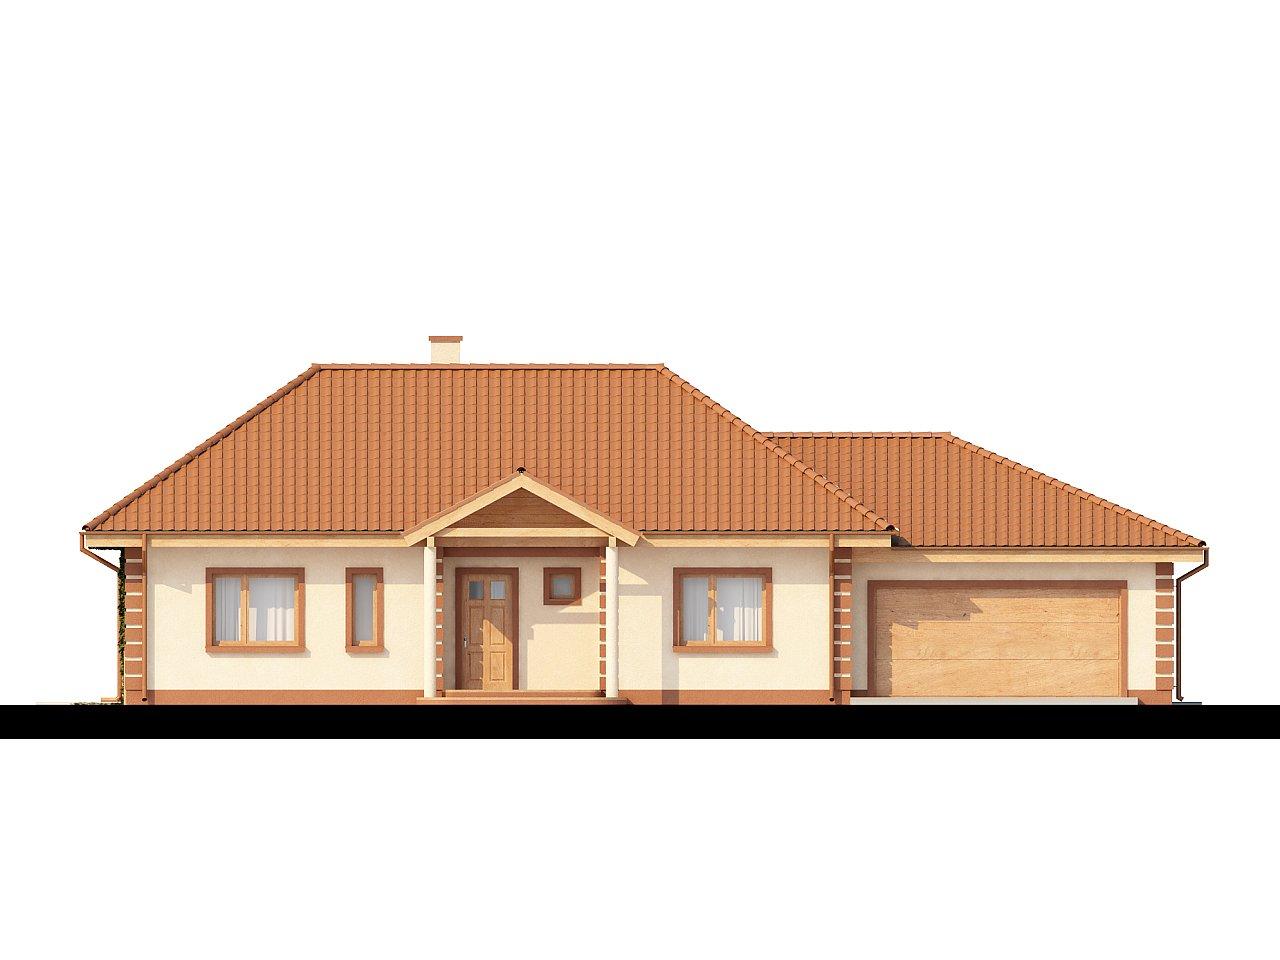 Стильный традиционный одноэтажный дом с гаражом для двух машин. 3